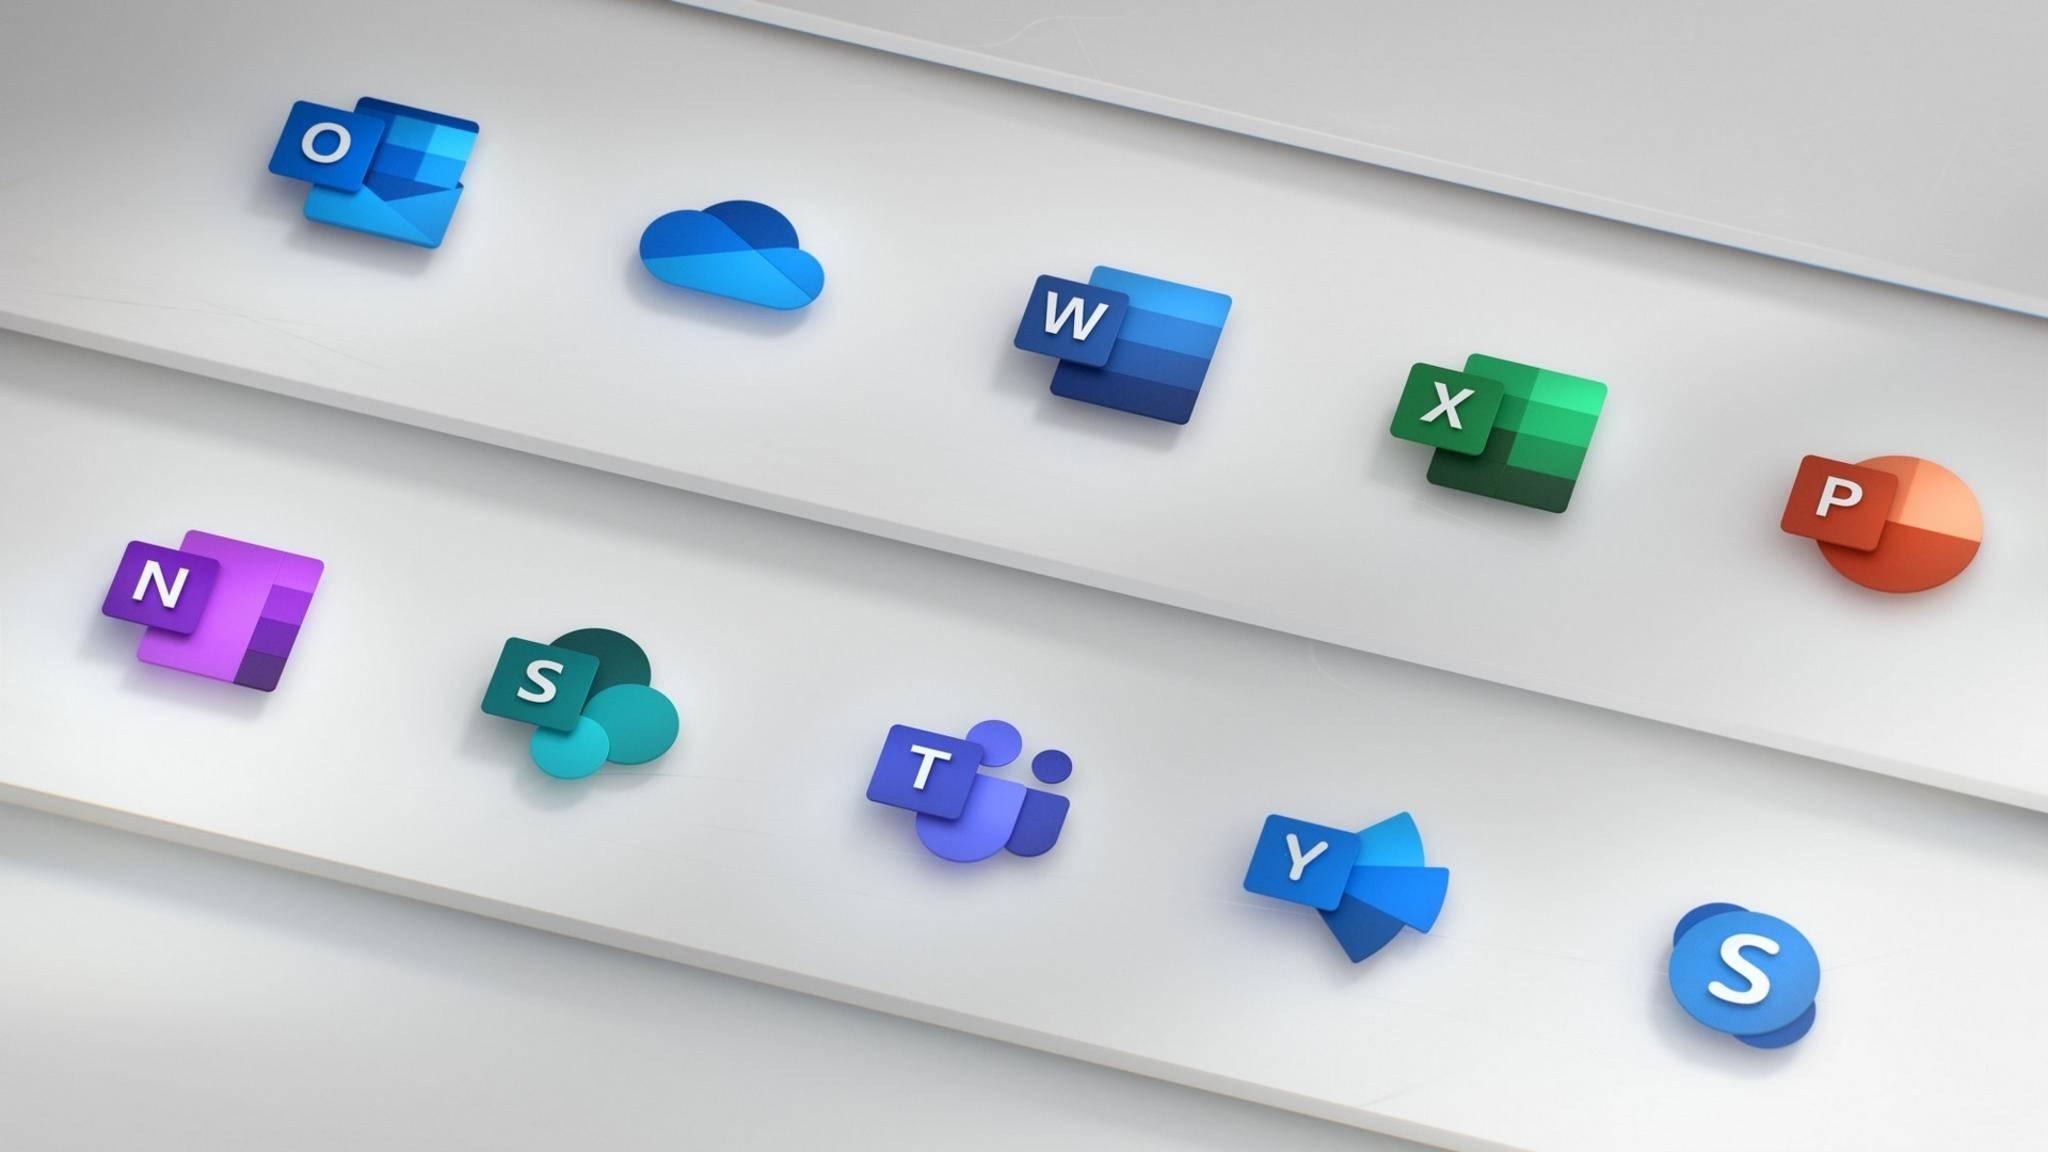 Die neuen Icons für Microsoft Office.